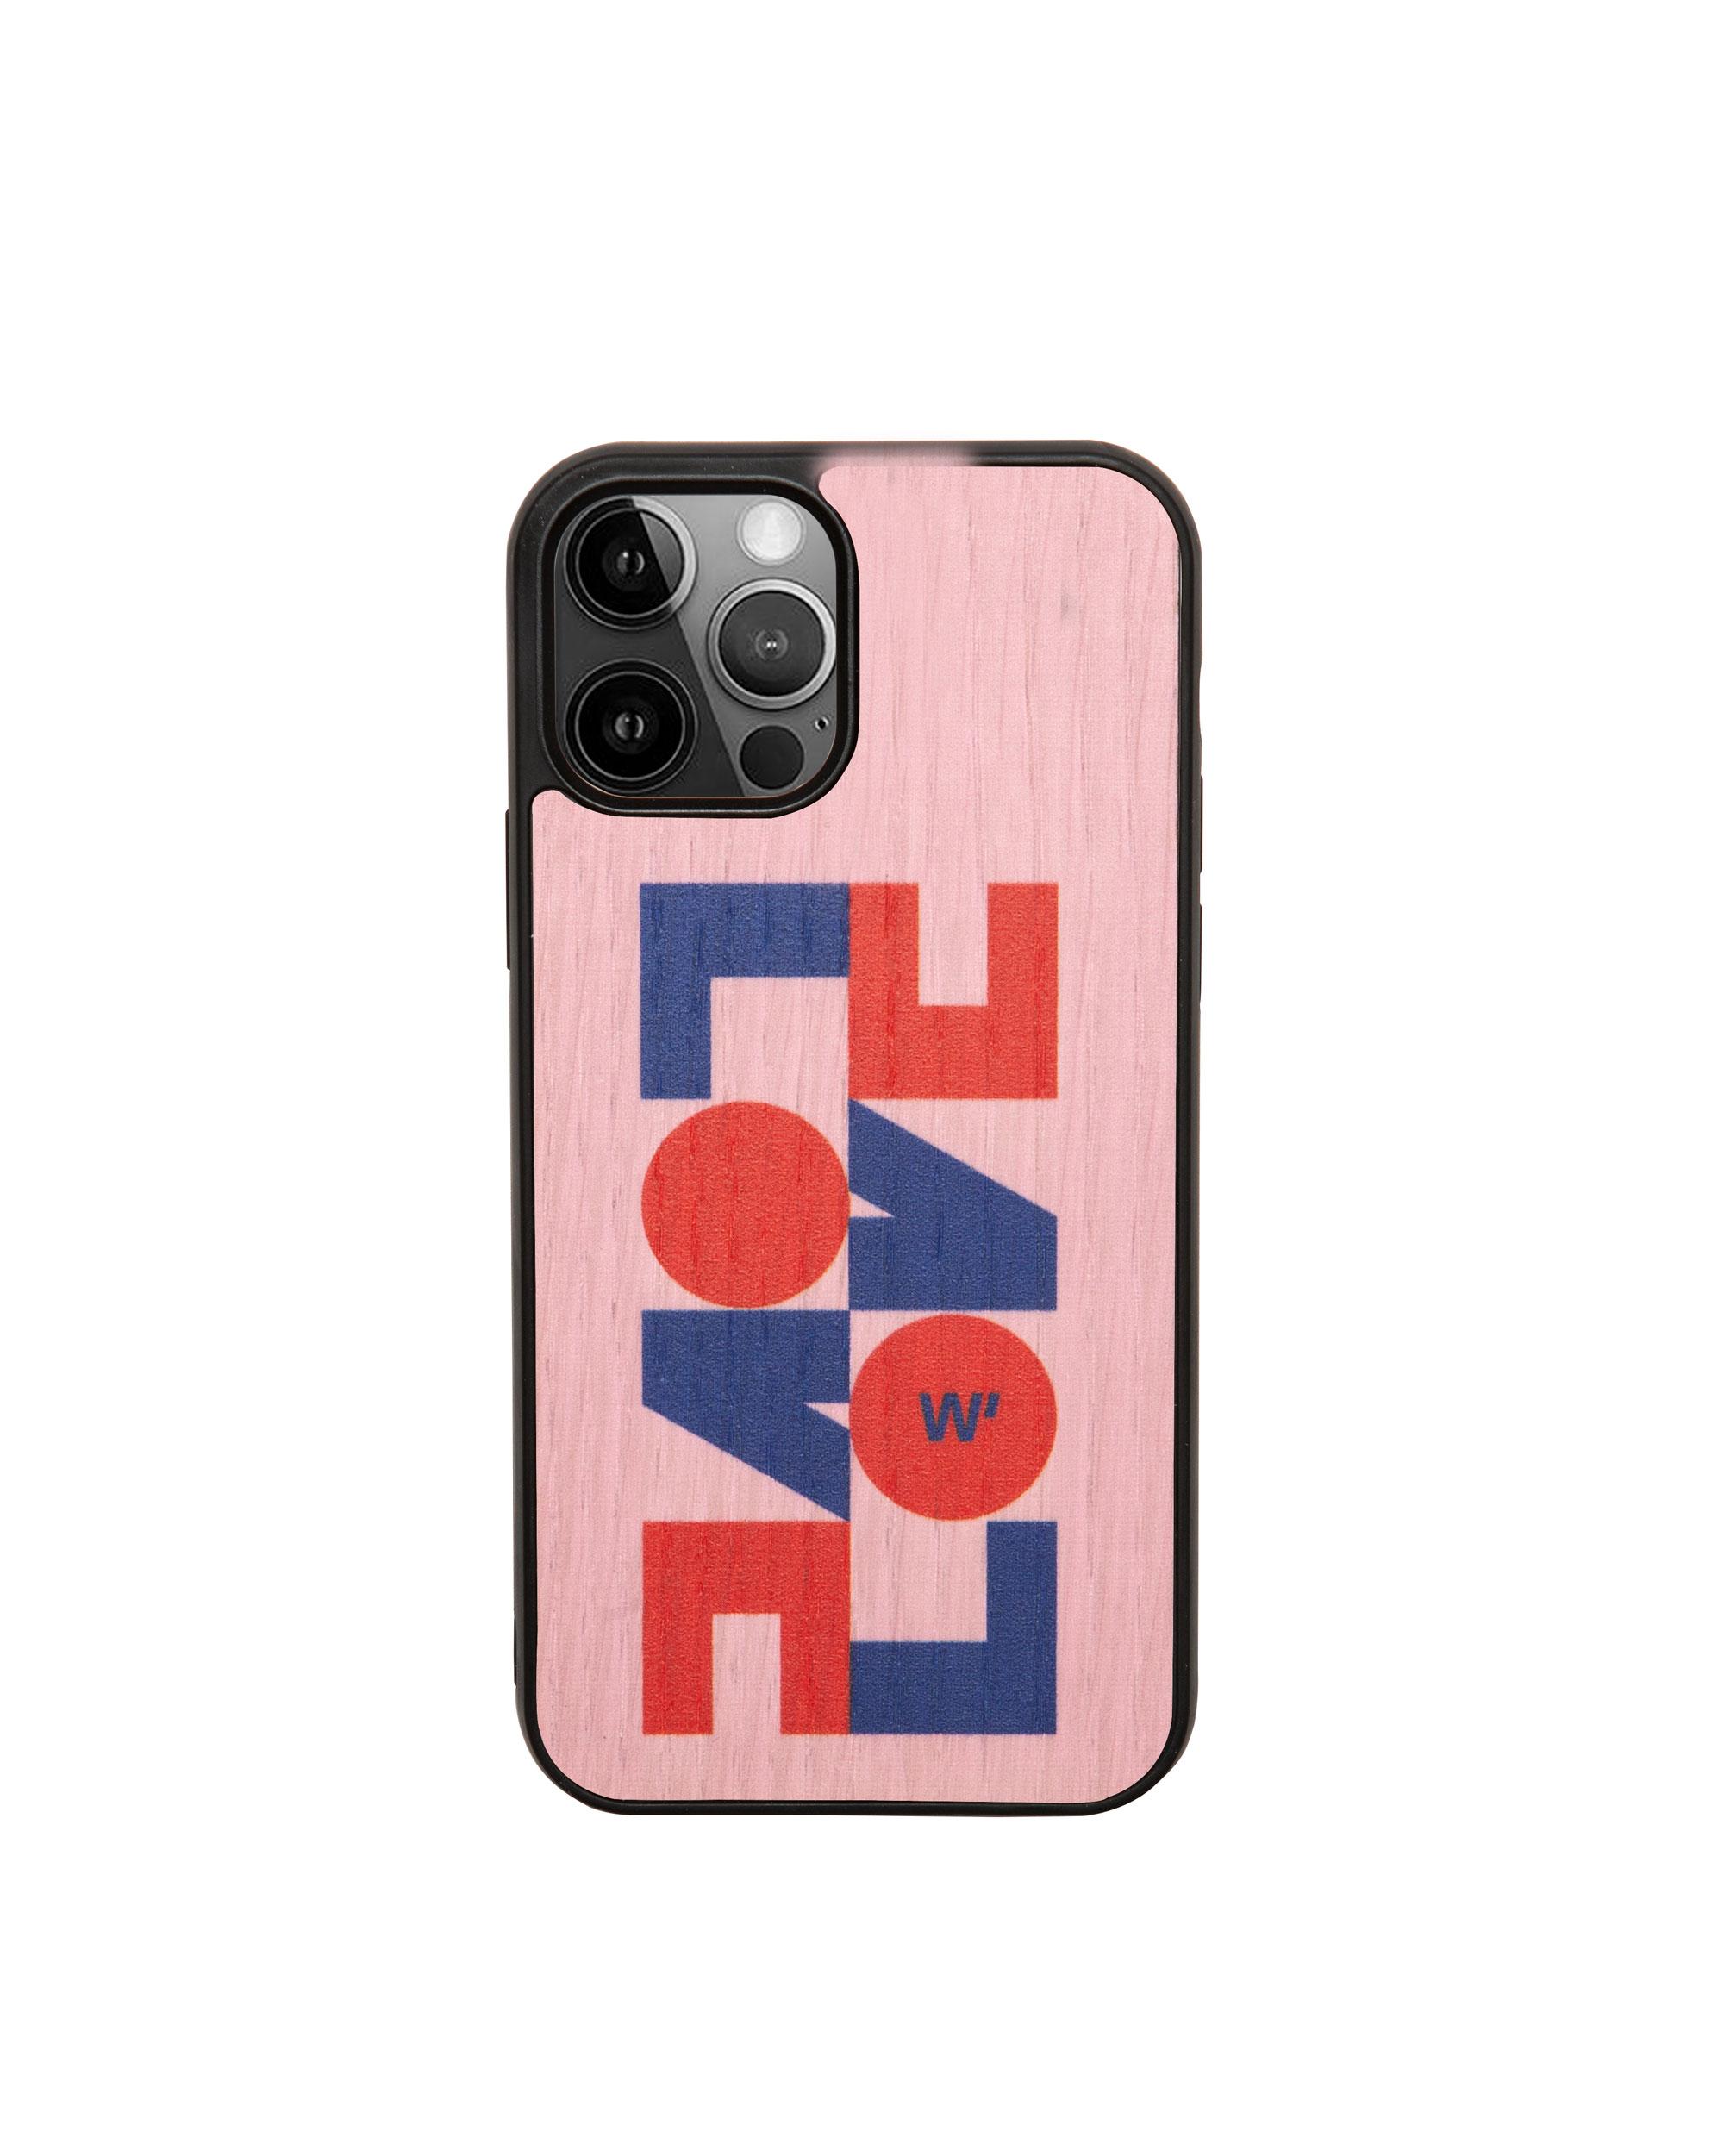 LOVE - Coque en bois pour iPhone 11 pro